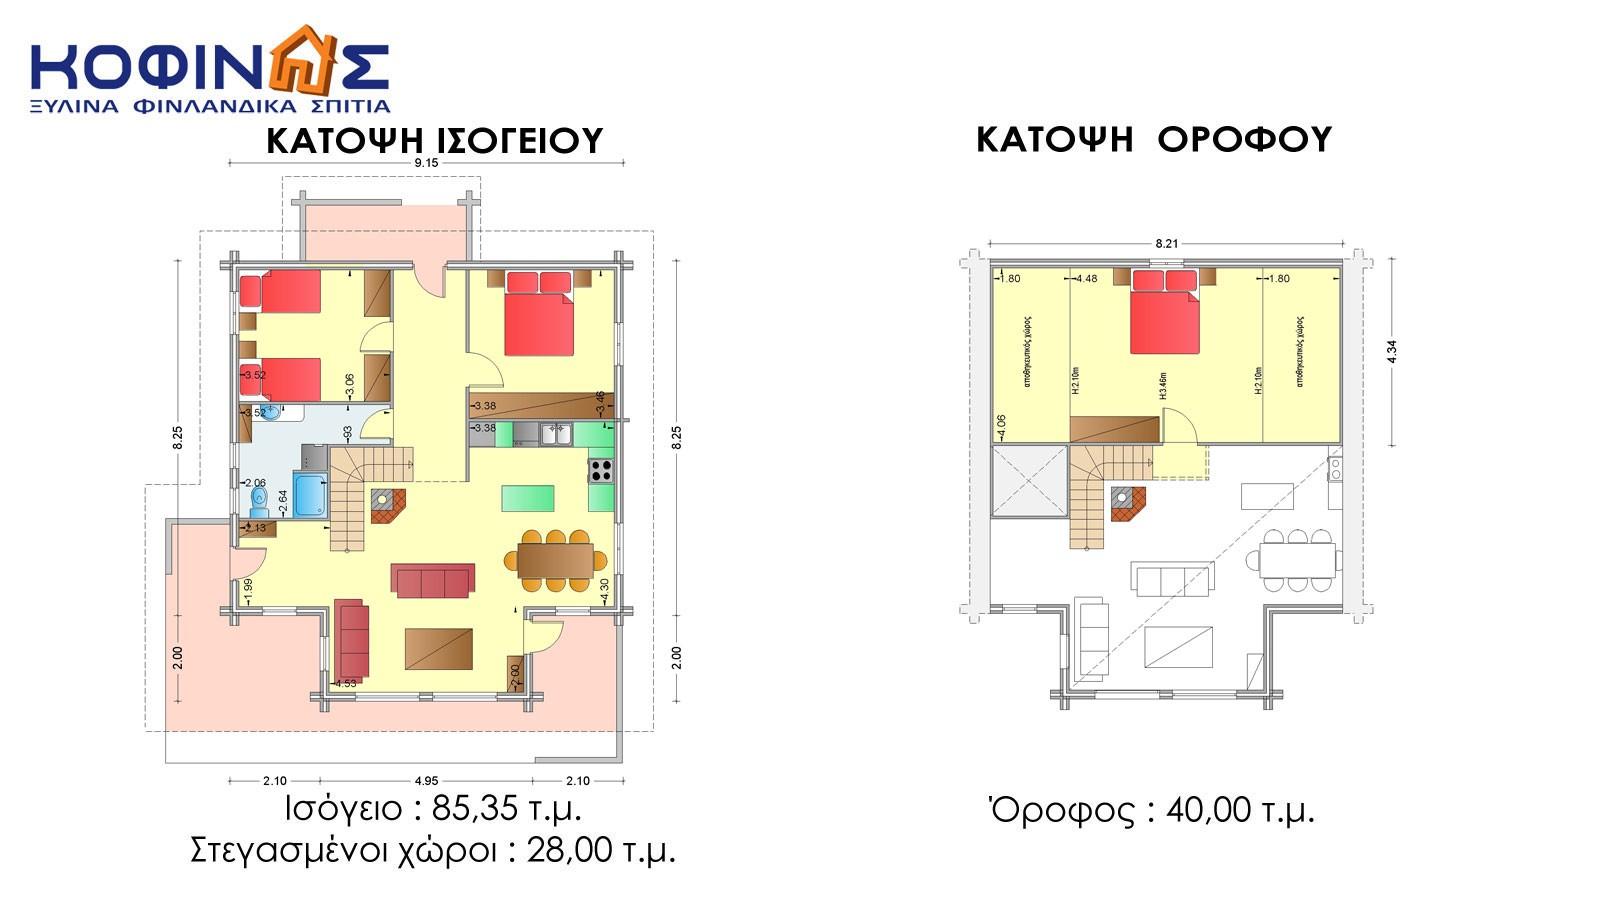 Διώροφη Ξύλινη Κατοικία XD-125, συνολικής επιφάνειας 125,35 τ.μ.